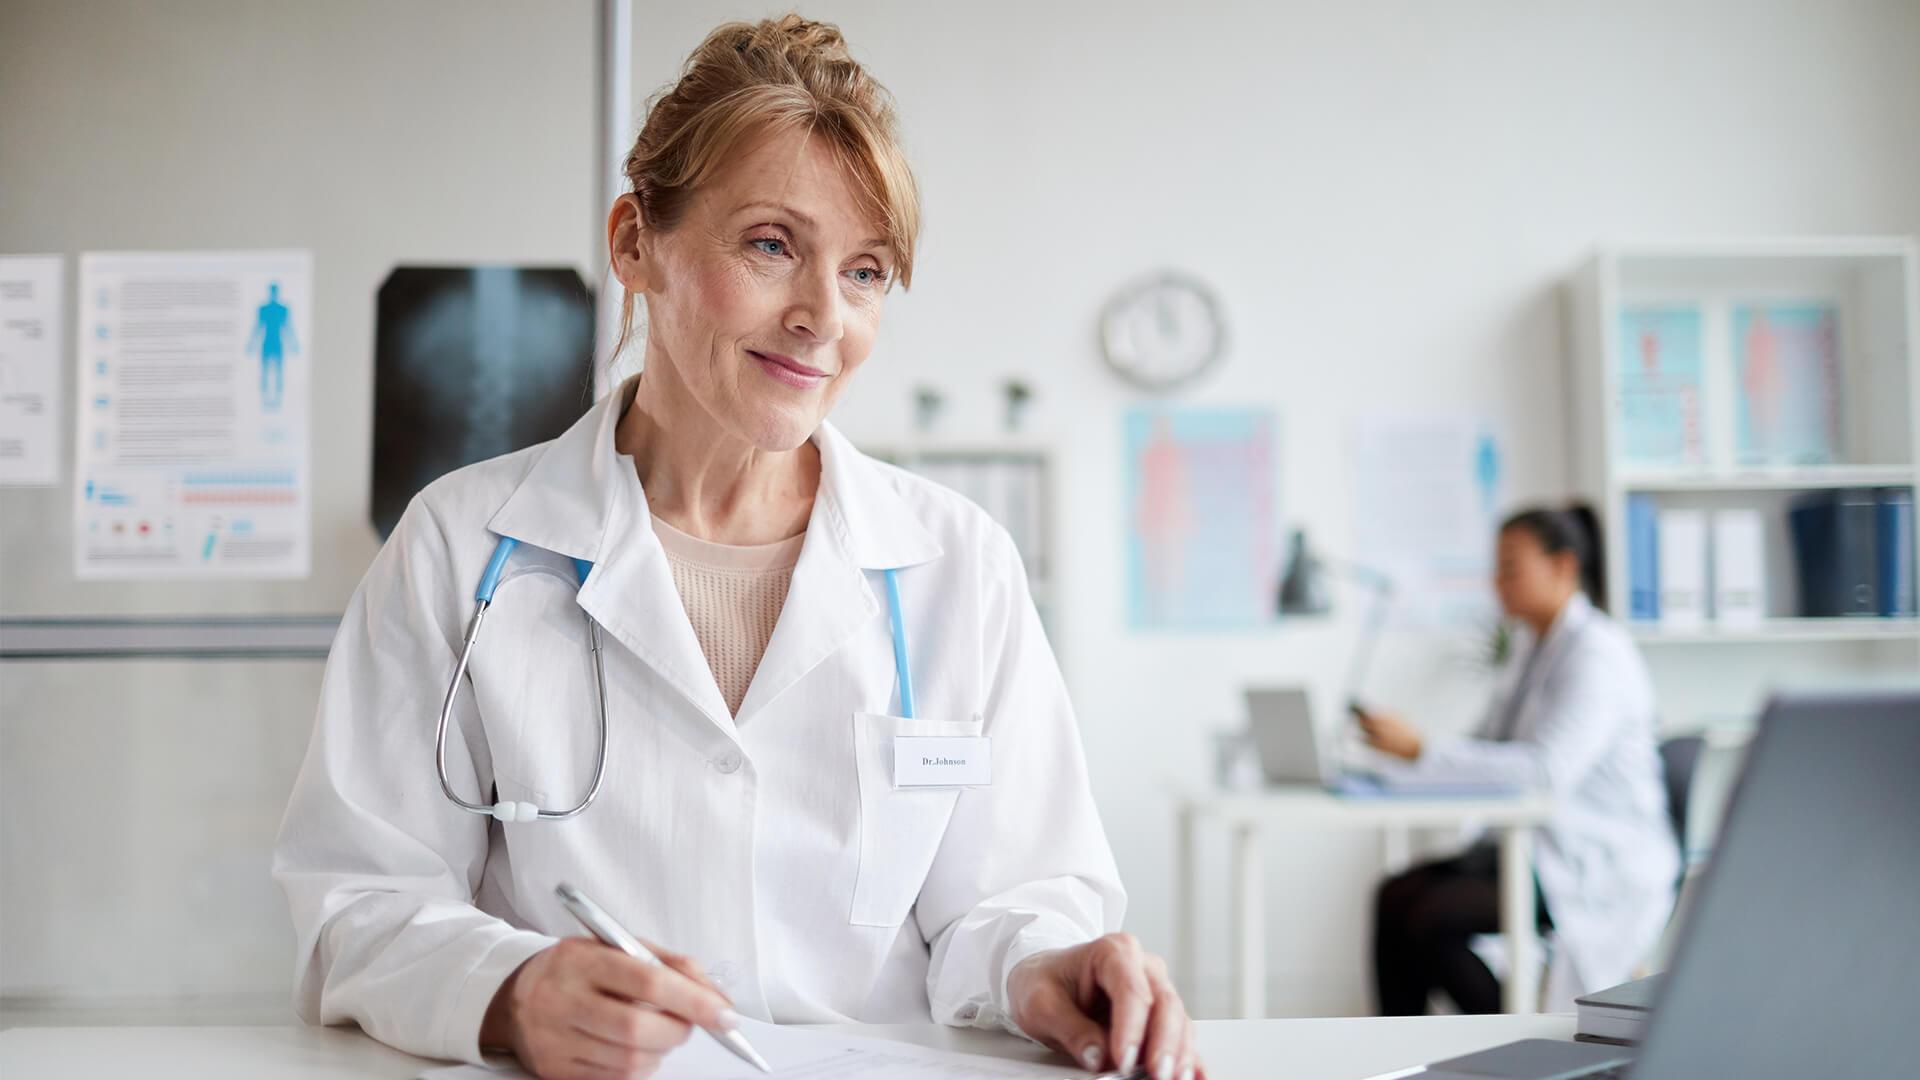 Zmiany w drEryk Gabinet - Lekarka prowadząca wizytę online